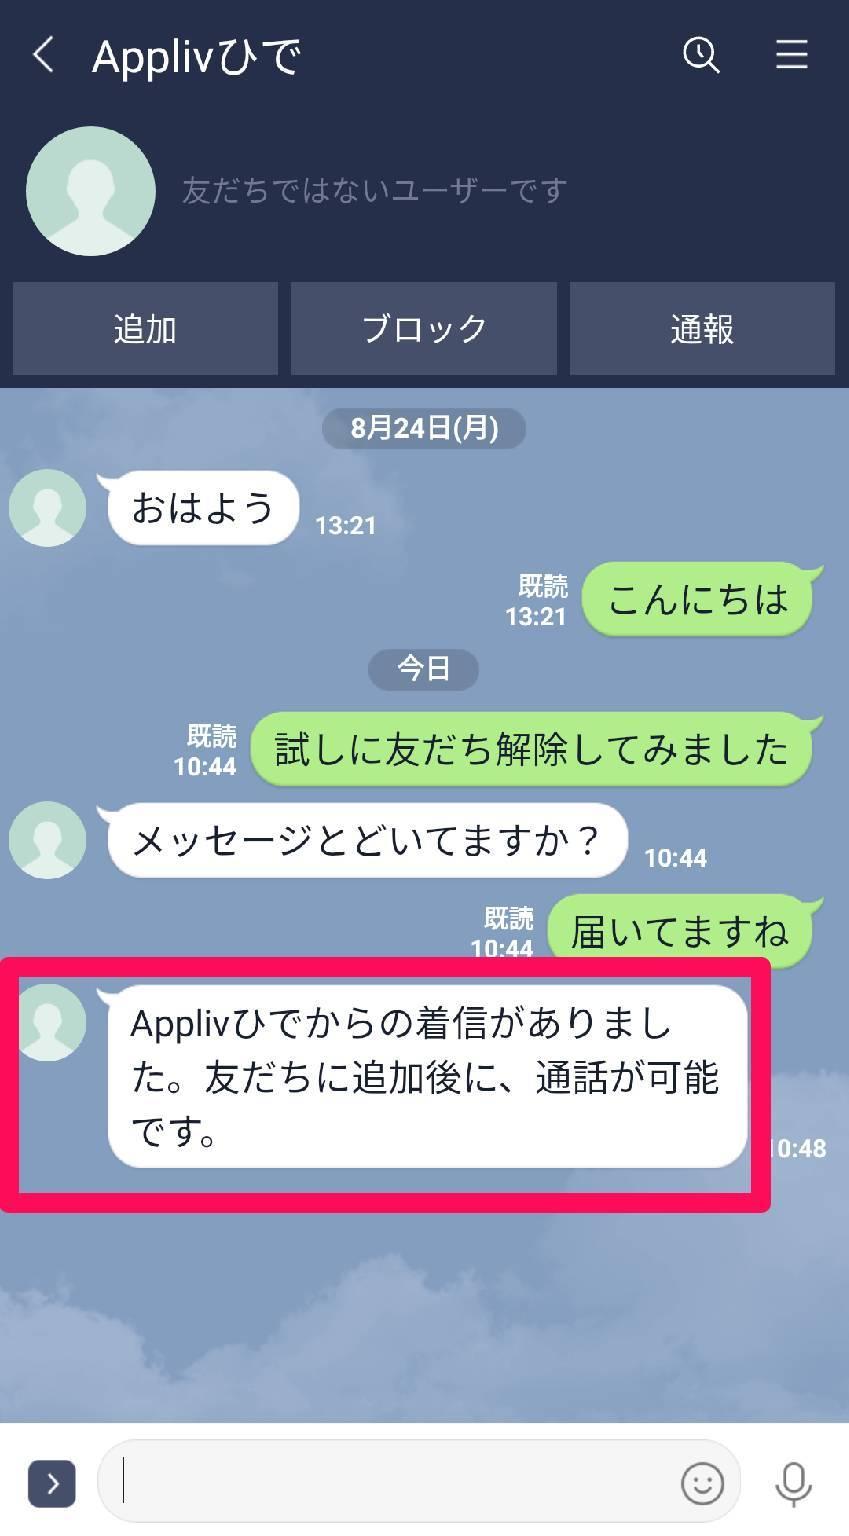 非表示→削除した相手から着信があった時のメッセージ画面